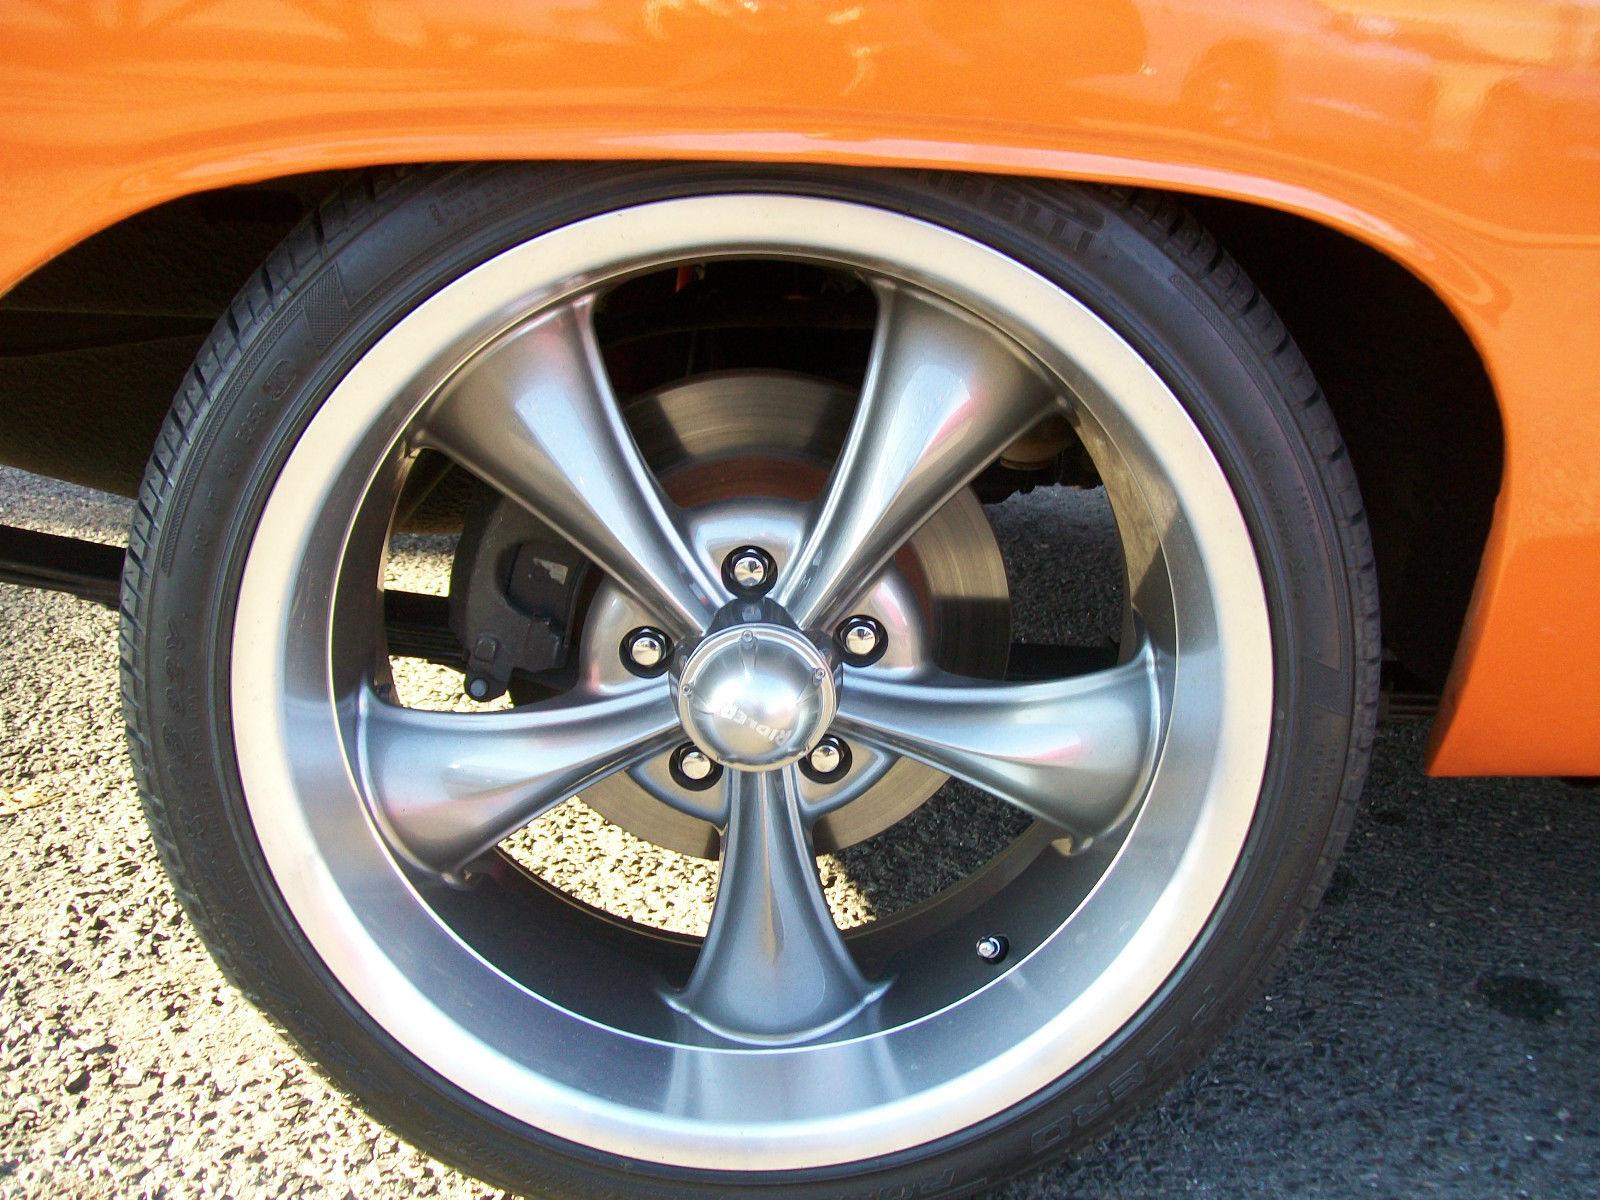 1971 Dodge Dart Swinger 340 Auto 8 3 4 Rear 3 55 Gears 4